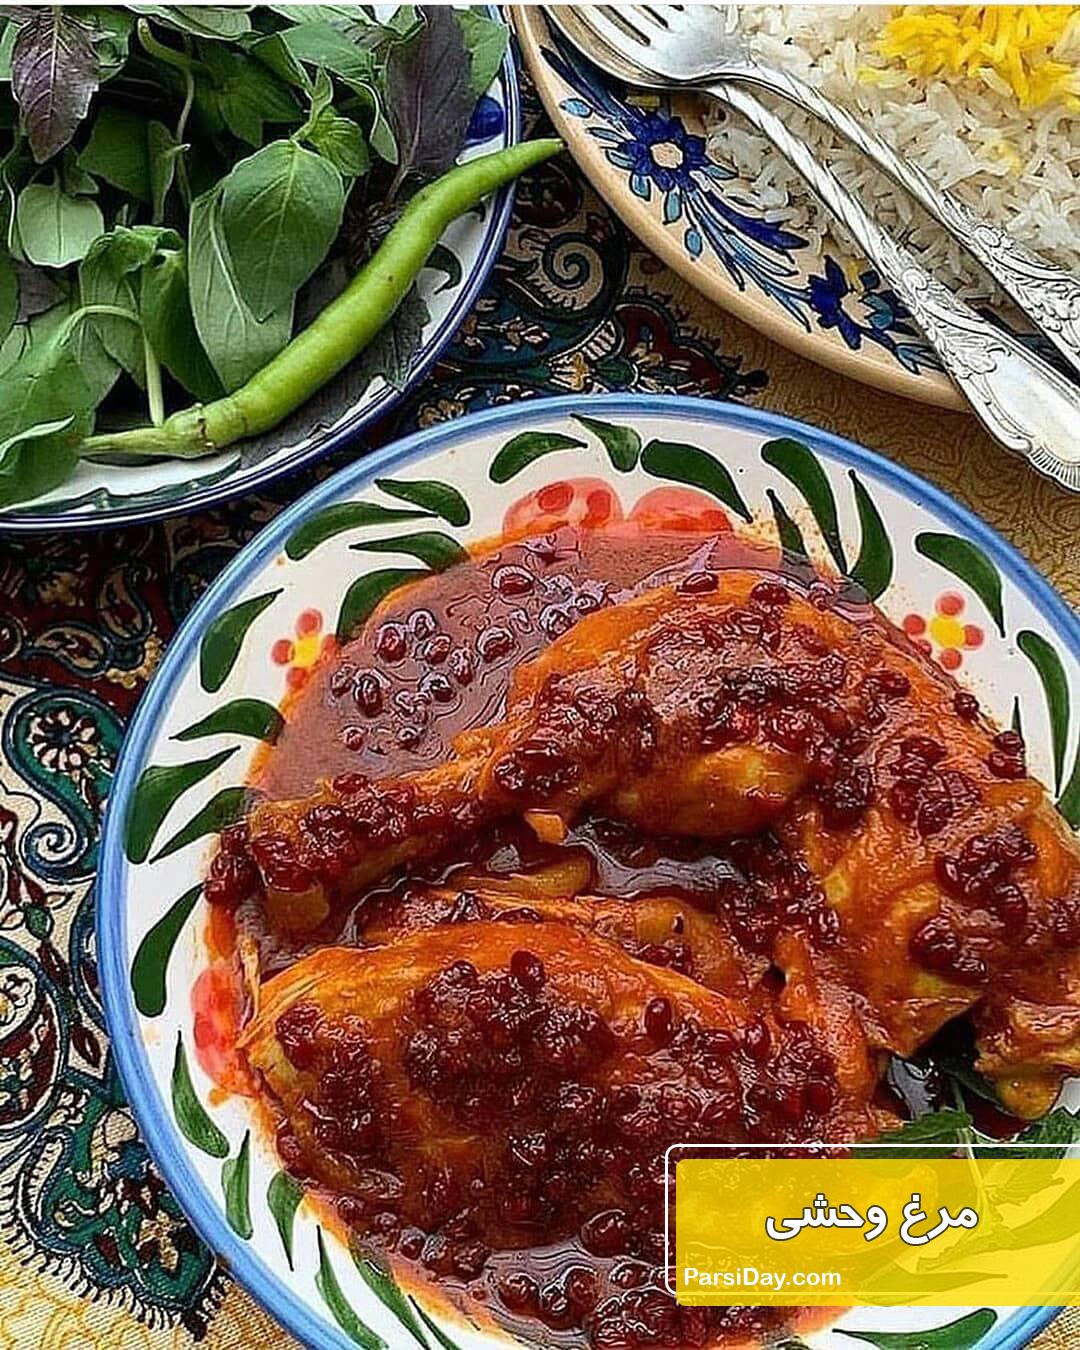 طرز تهیه مرغ وحشی خوشمزه ساده و مجلسی با آلو و زرشک